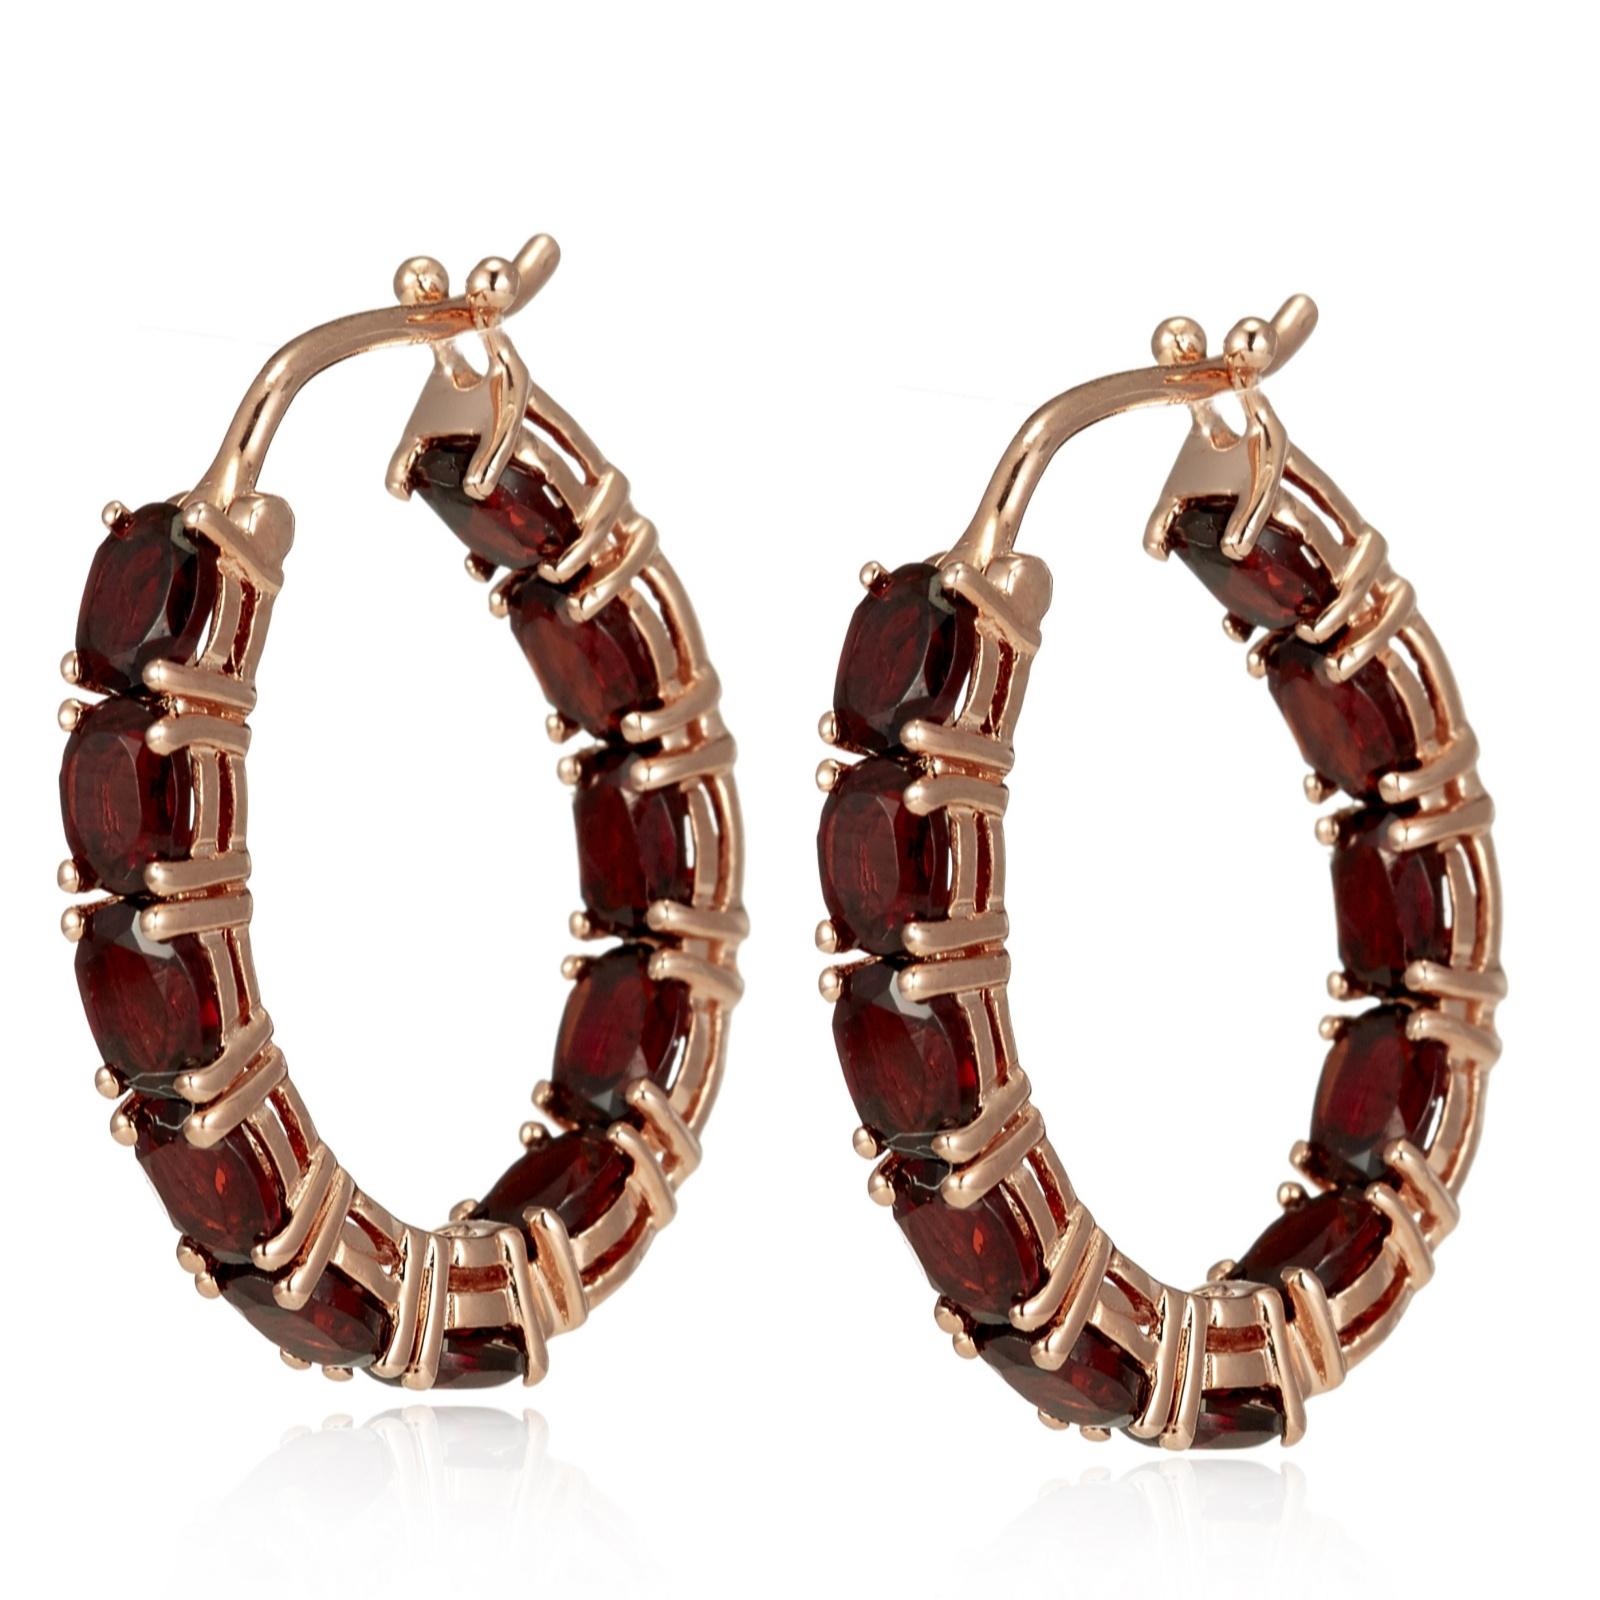 3 6ct Garnet Hoop Earrings Sterling Silver Rose Gold Vermeil QVC UK